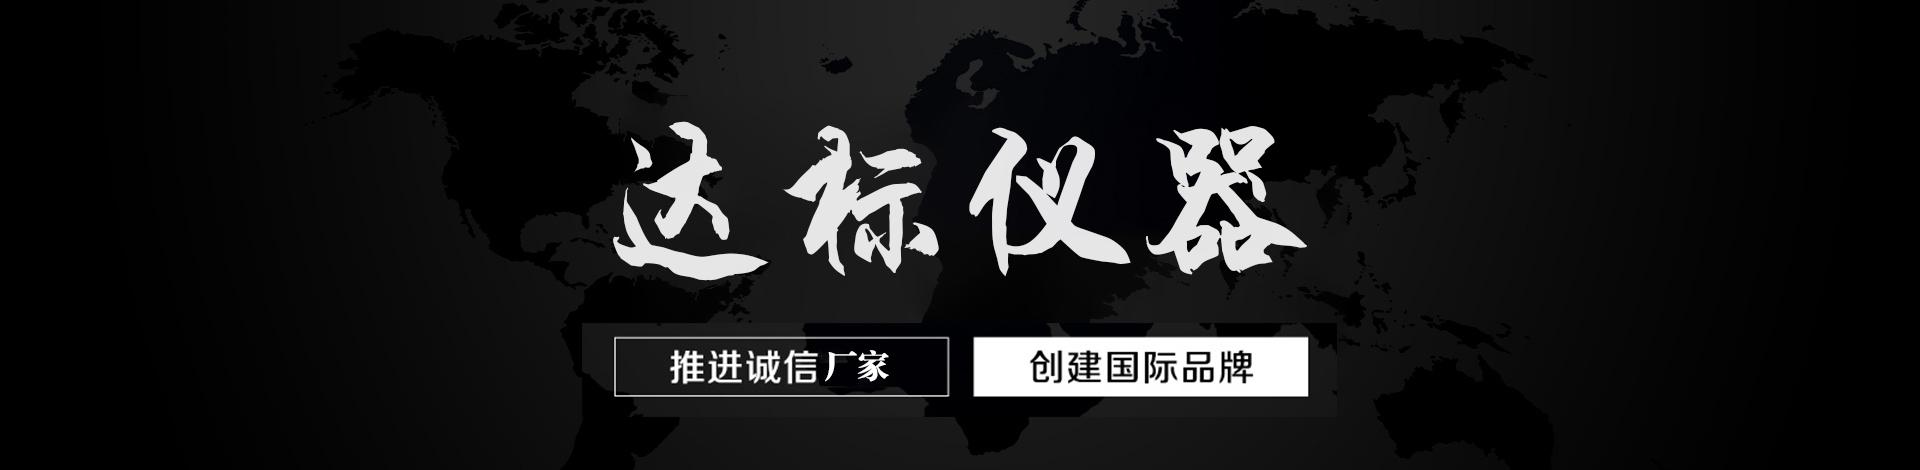 东莞市达标仪器设备有限公司